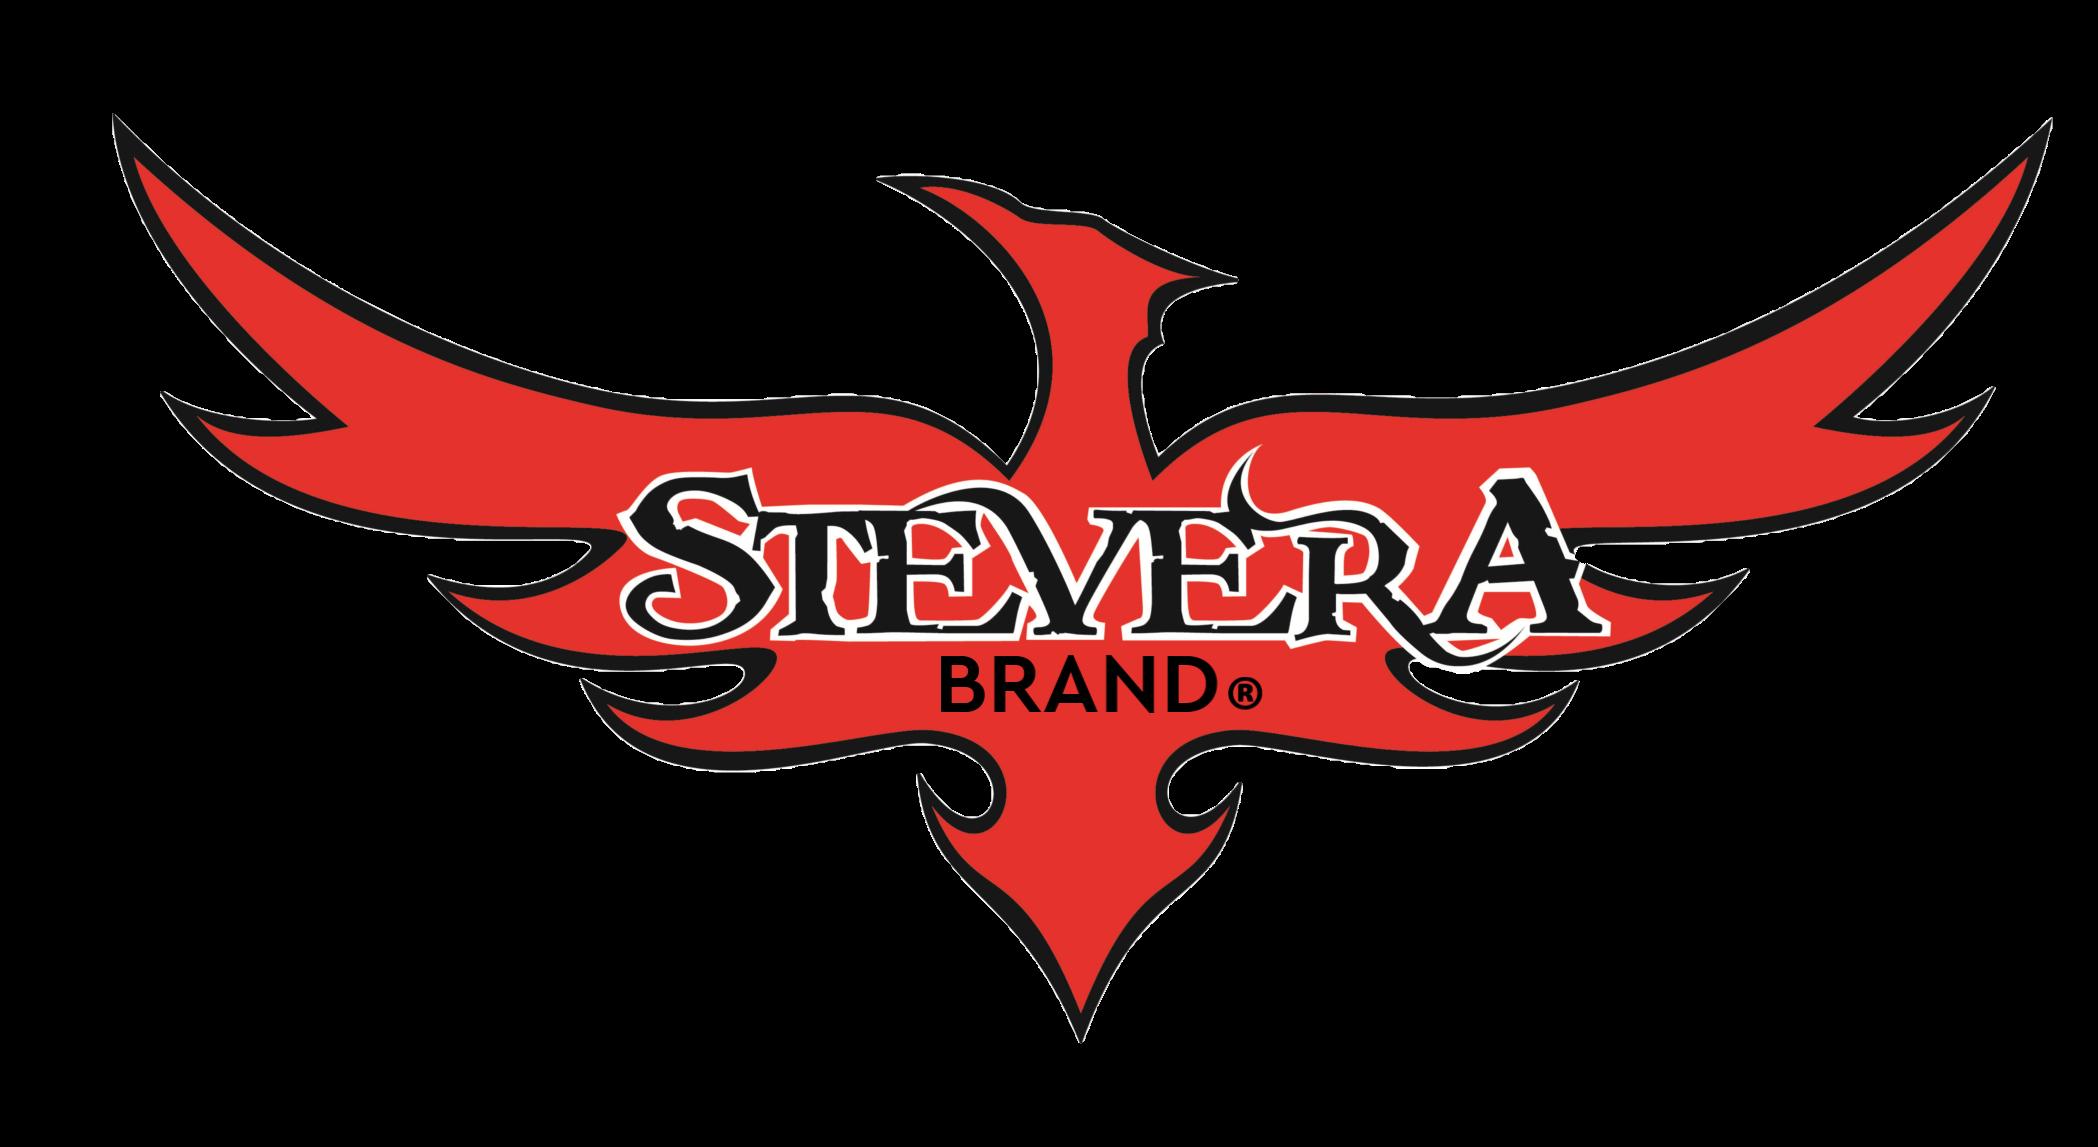 stevera-brand-og-logo.png